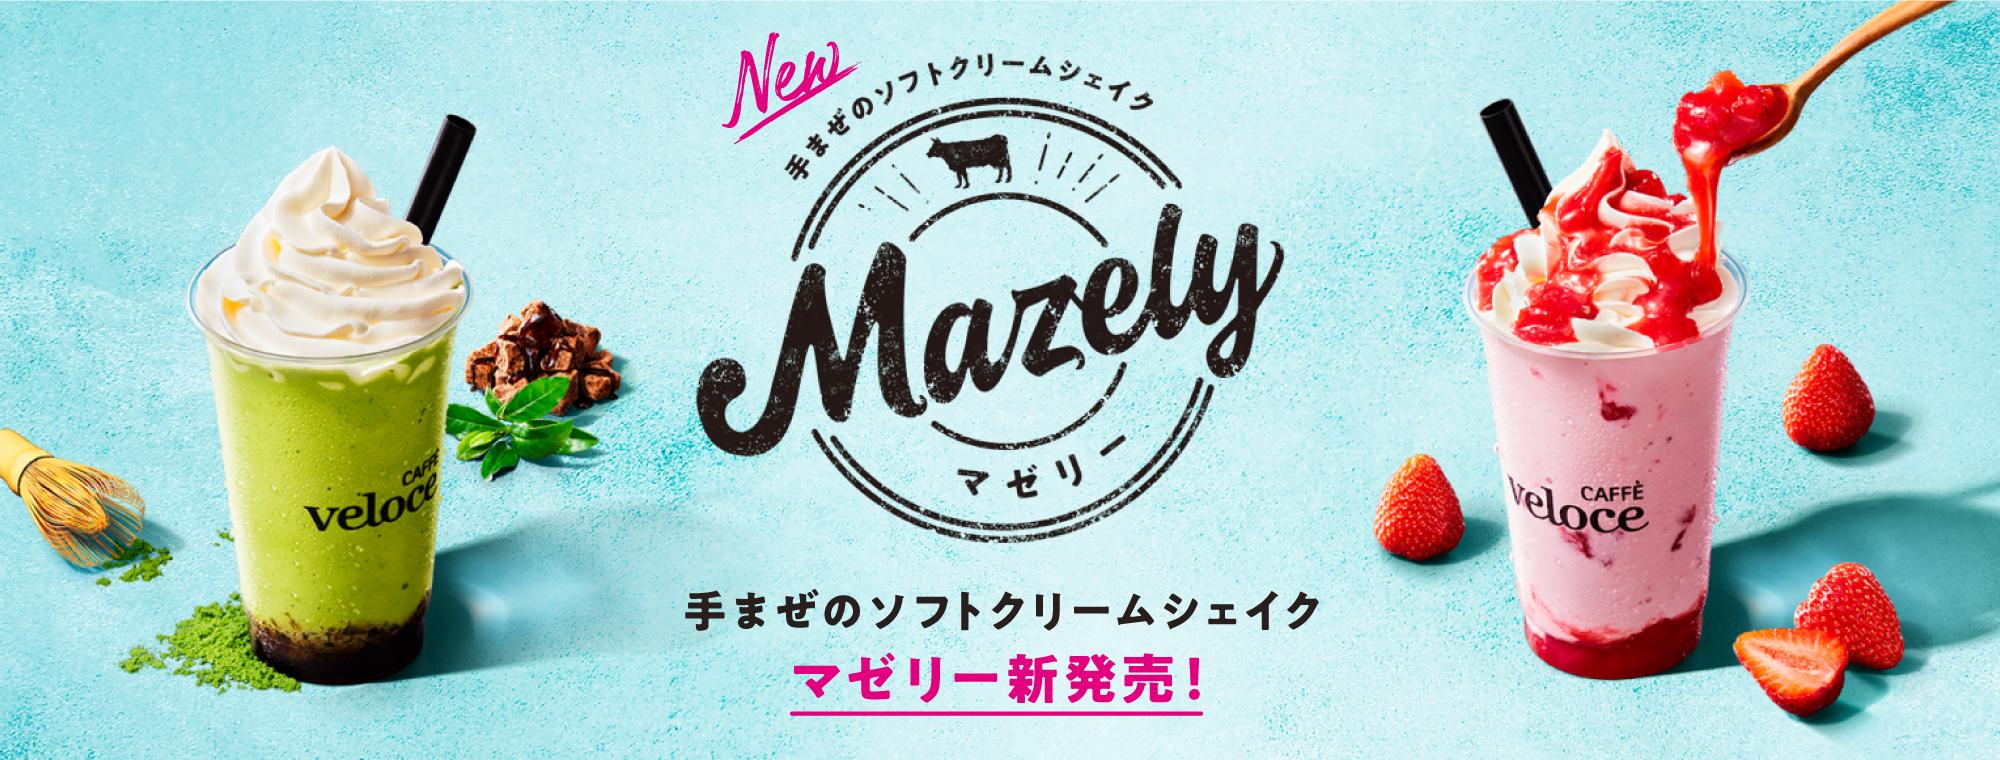 ベローチェで手混ぜのこだわりシェイク「マゼリー」の100円引きクーポンが5万名にその場で当たる。~8/25 8時。